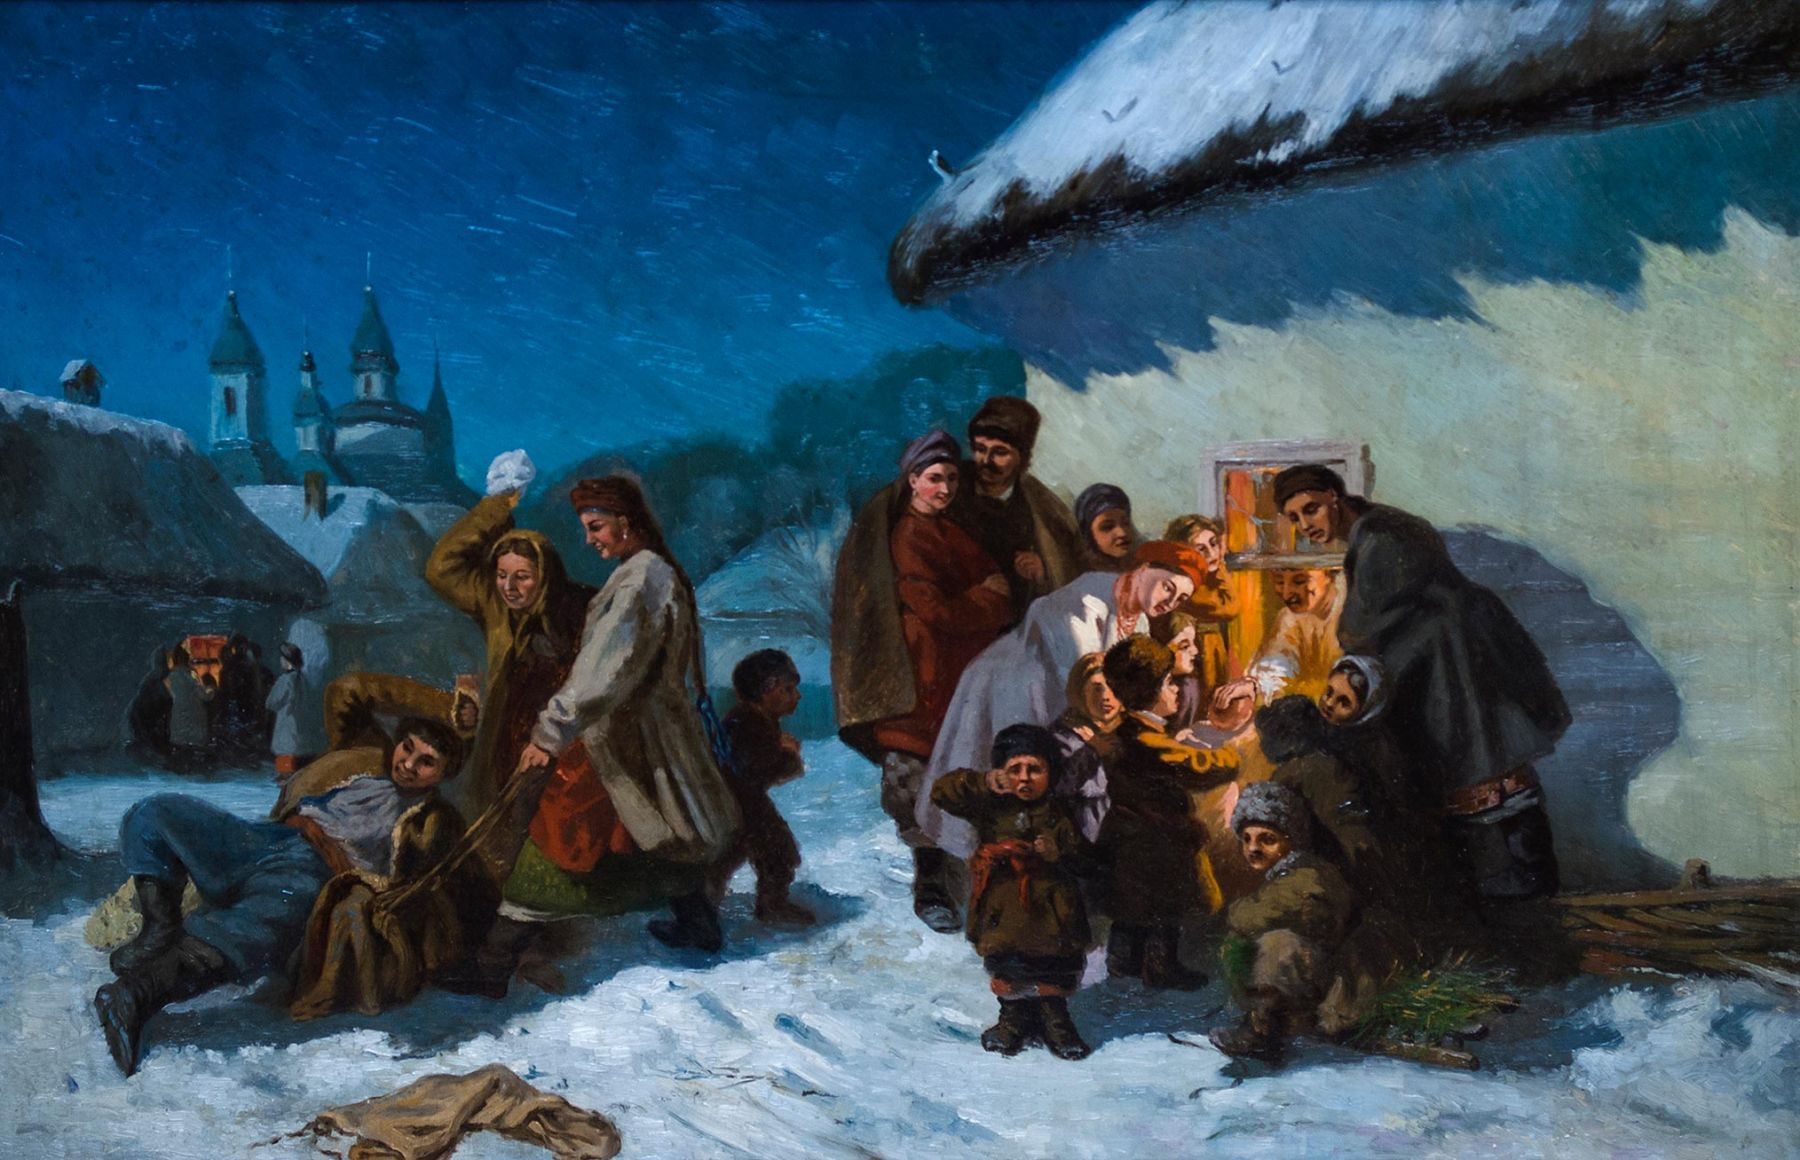 Carols in little Russia.